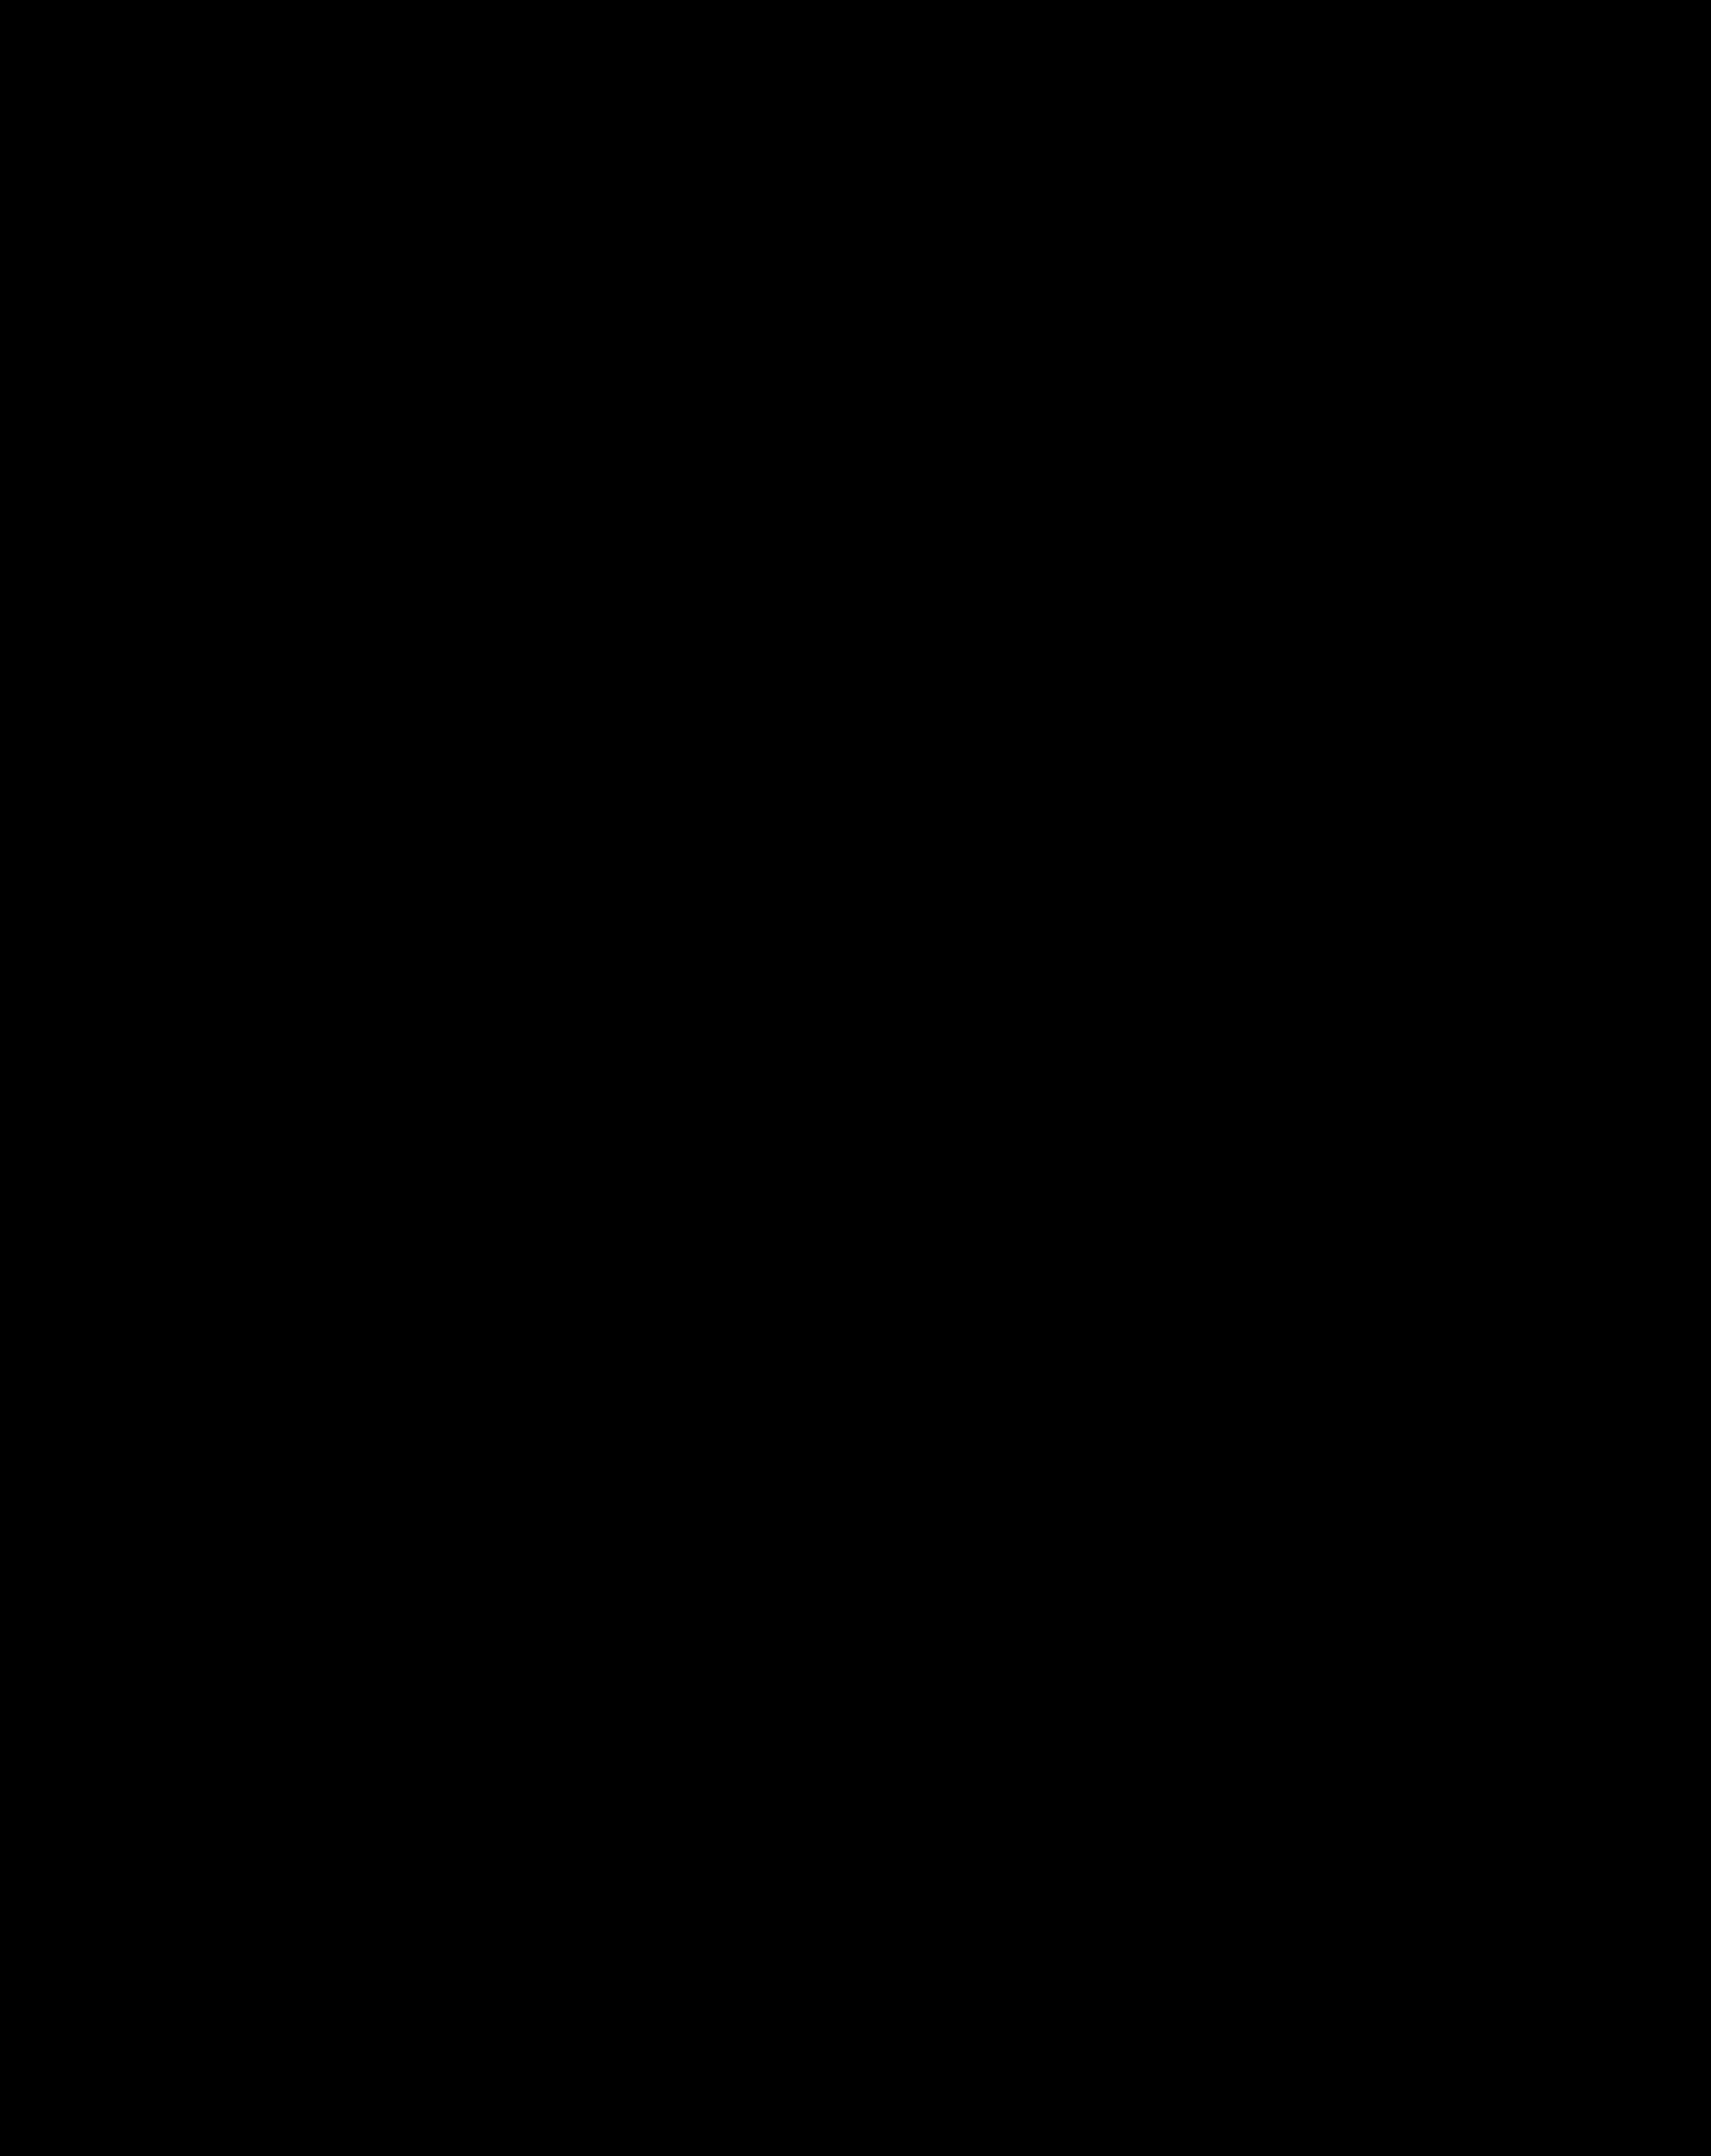 male head profile silhouette 2